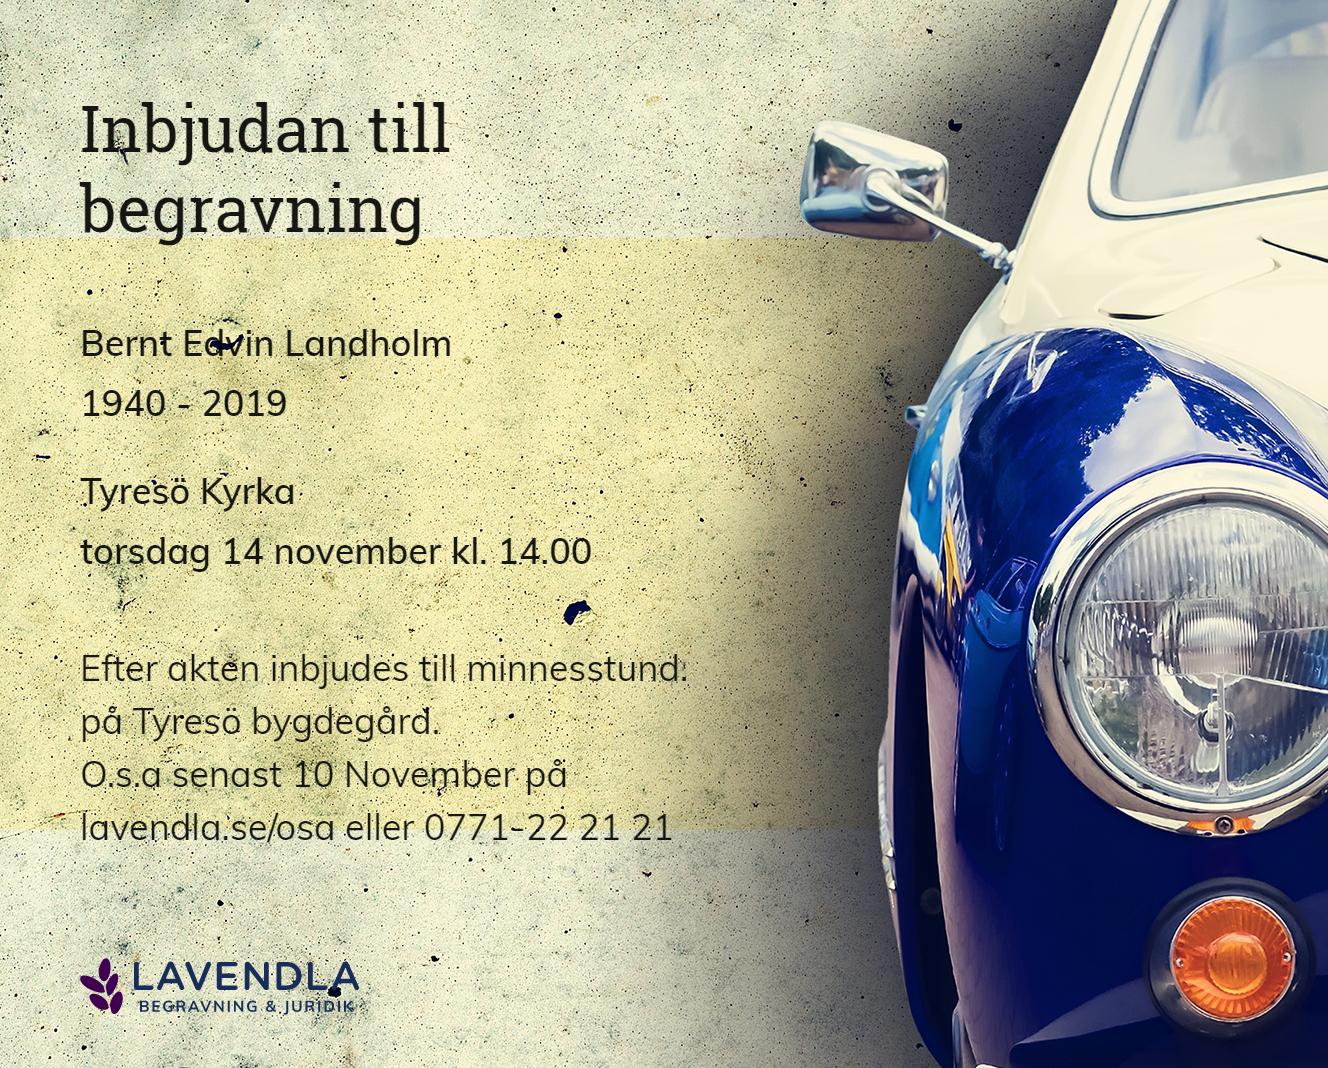 Inbjudningskort till ceremonin för Bernt Edvin Landholm